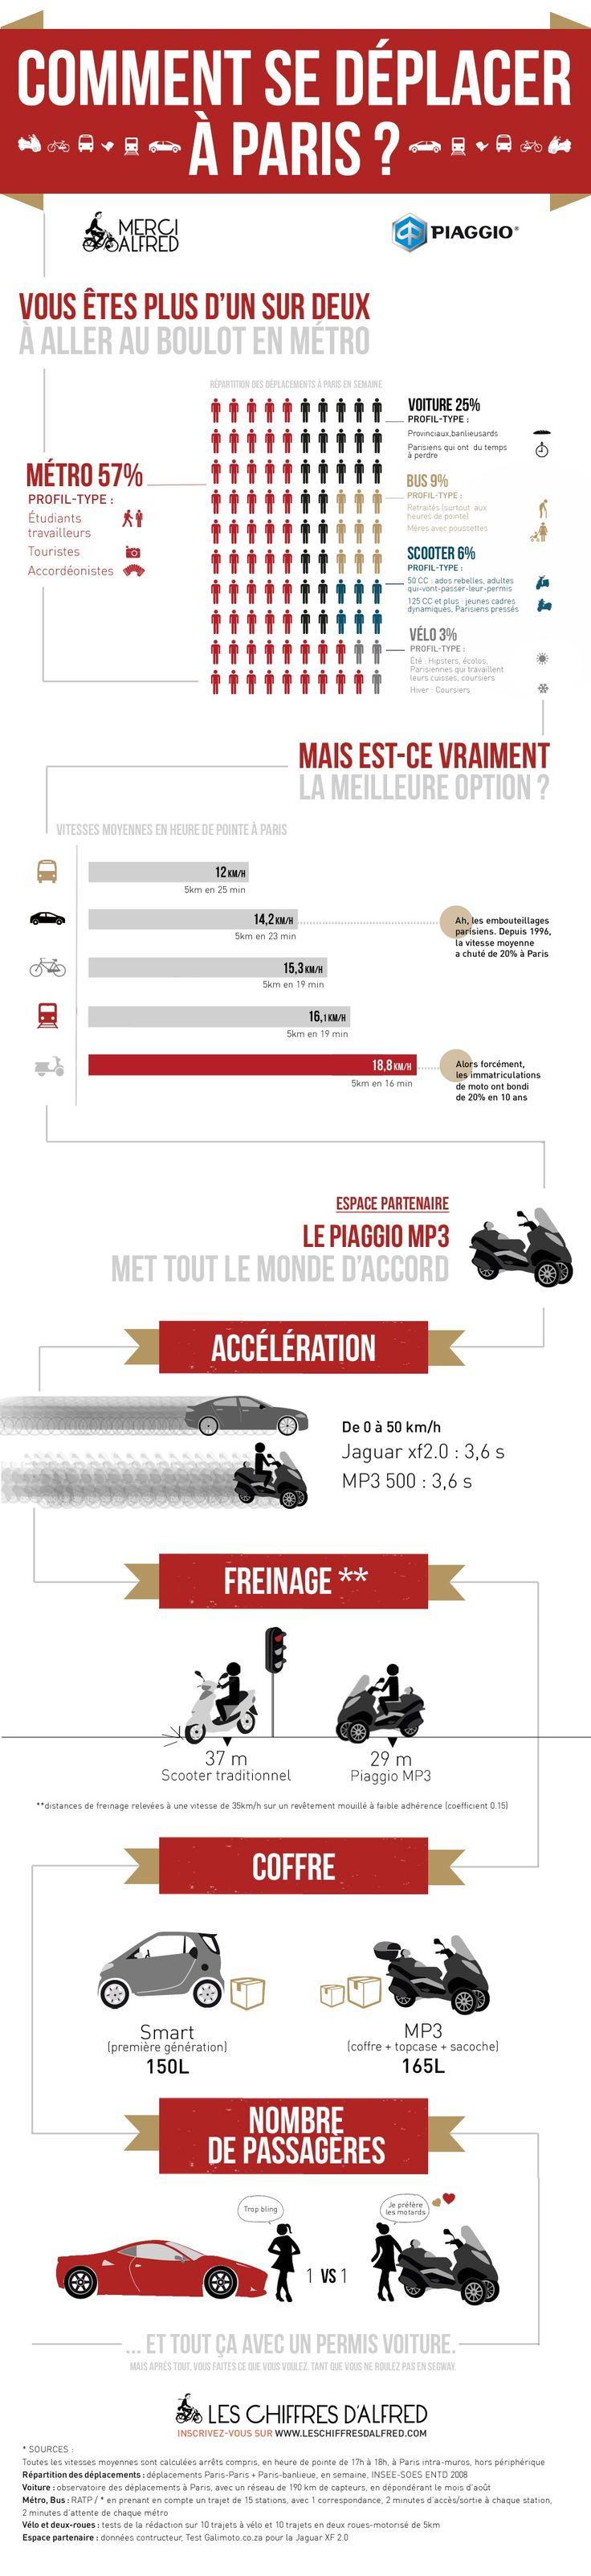 Comment se déplacer à Paris ? Découvrez la dernière infographie d'Alfred.